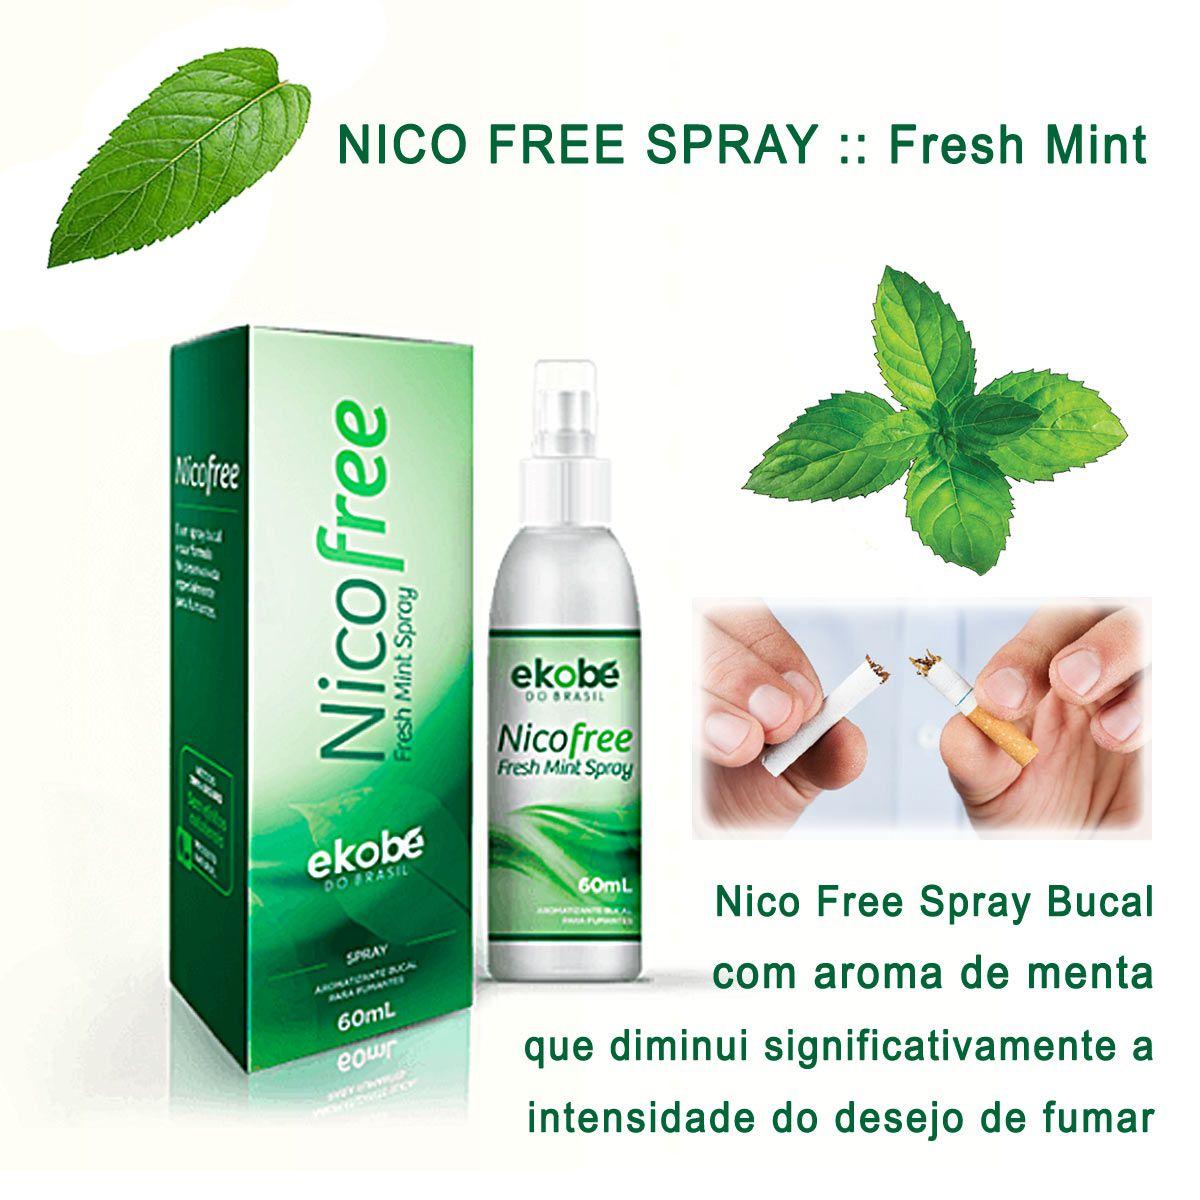 NicoFree Spray Parar de Fumar 2 Frascos  - Testes Para Drogas e Parar de Beber e Fumar